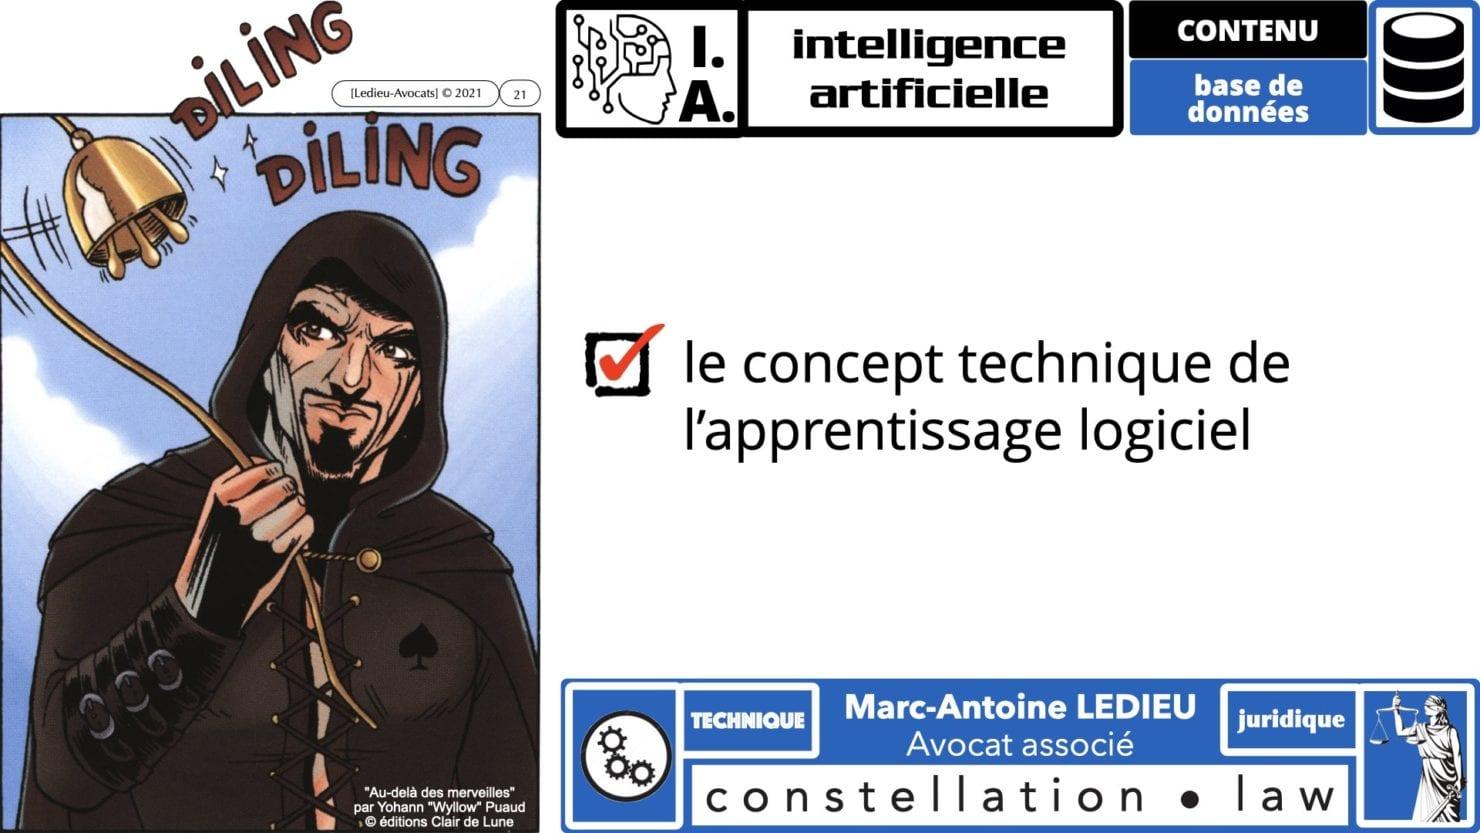 335 Intelligence Artificielle 2021 et AI Act [projet de Règlement UE] deep learning machine learning © Ledieu-Avocats 04-06-2021 *16:9*.021